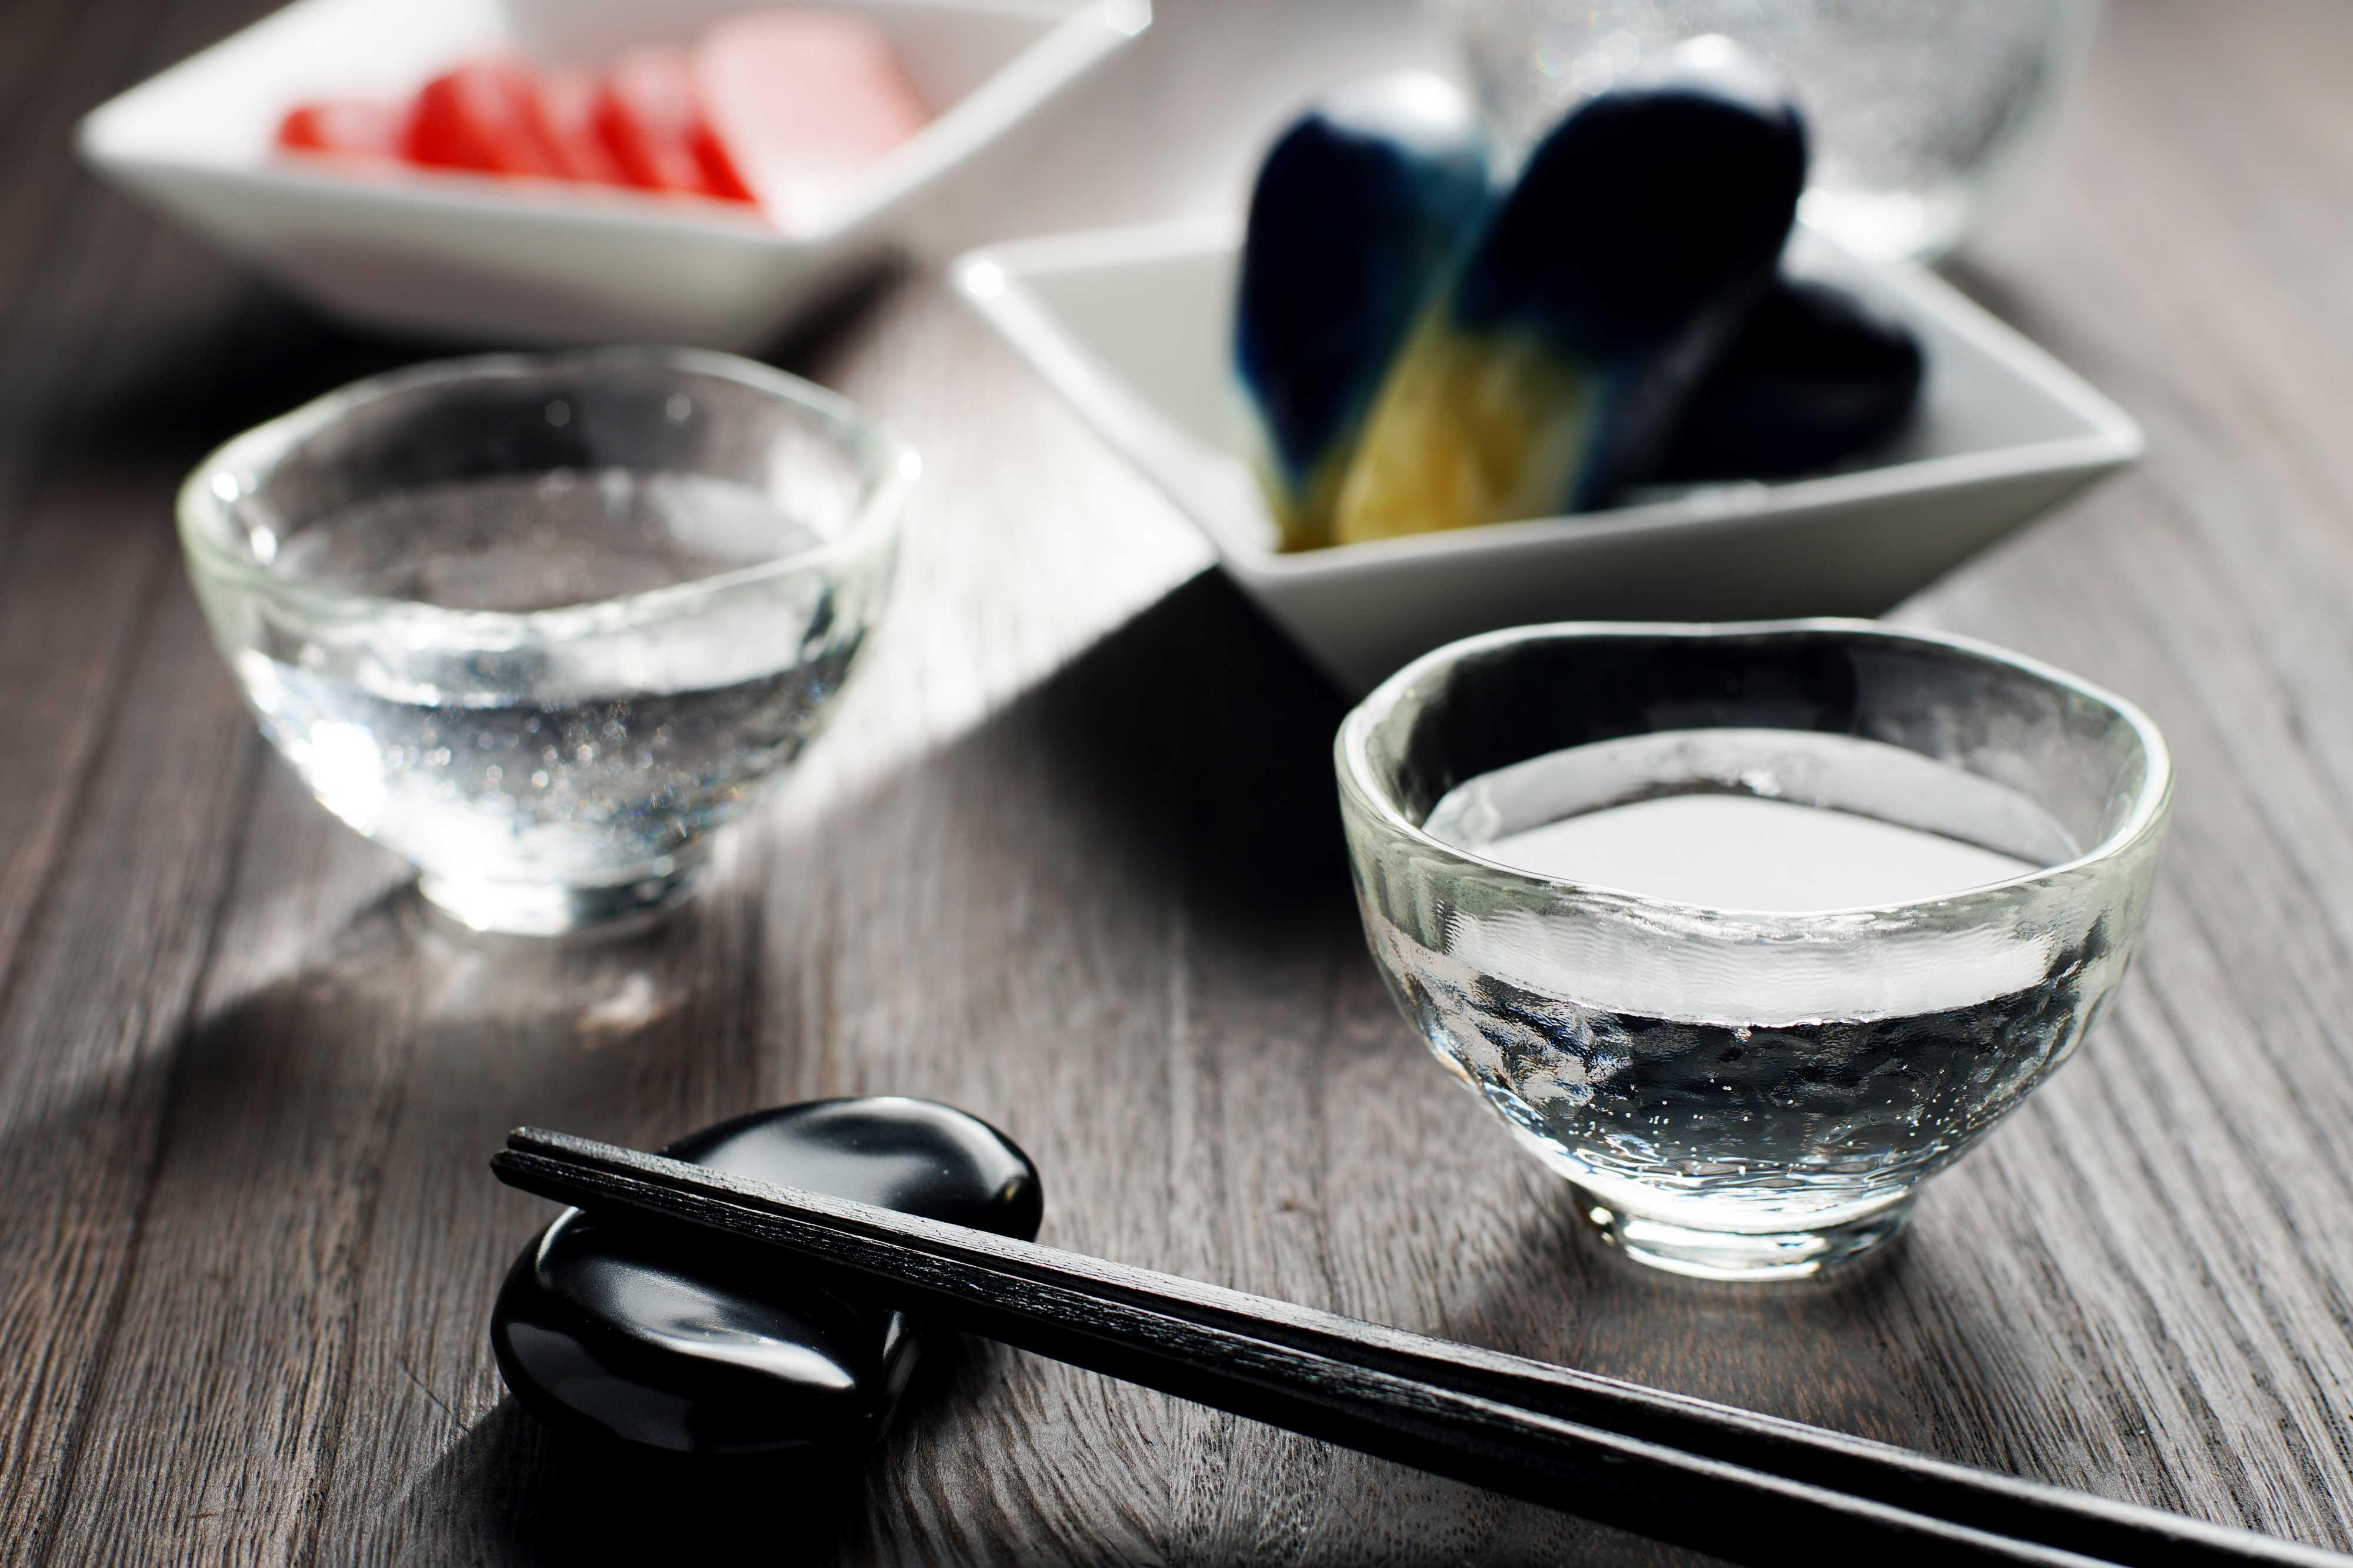 お酒は美味しく楽しく。「和らぎ水」で大人のたしなみ